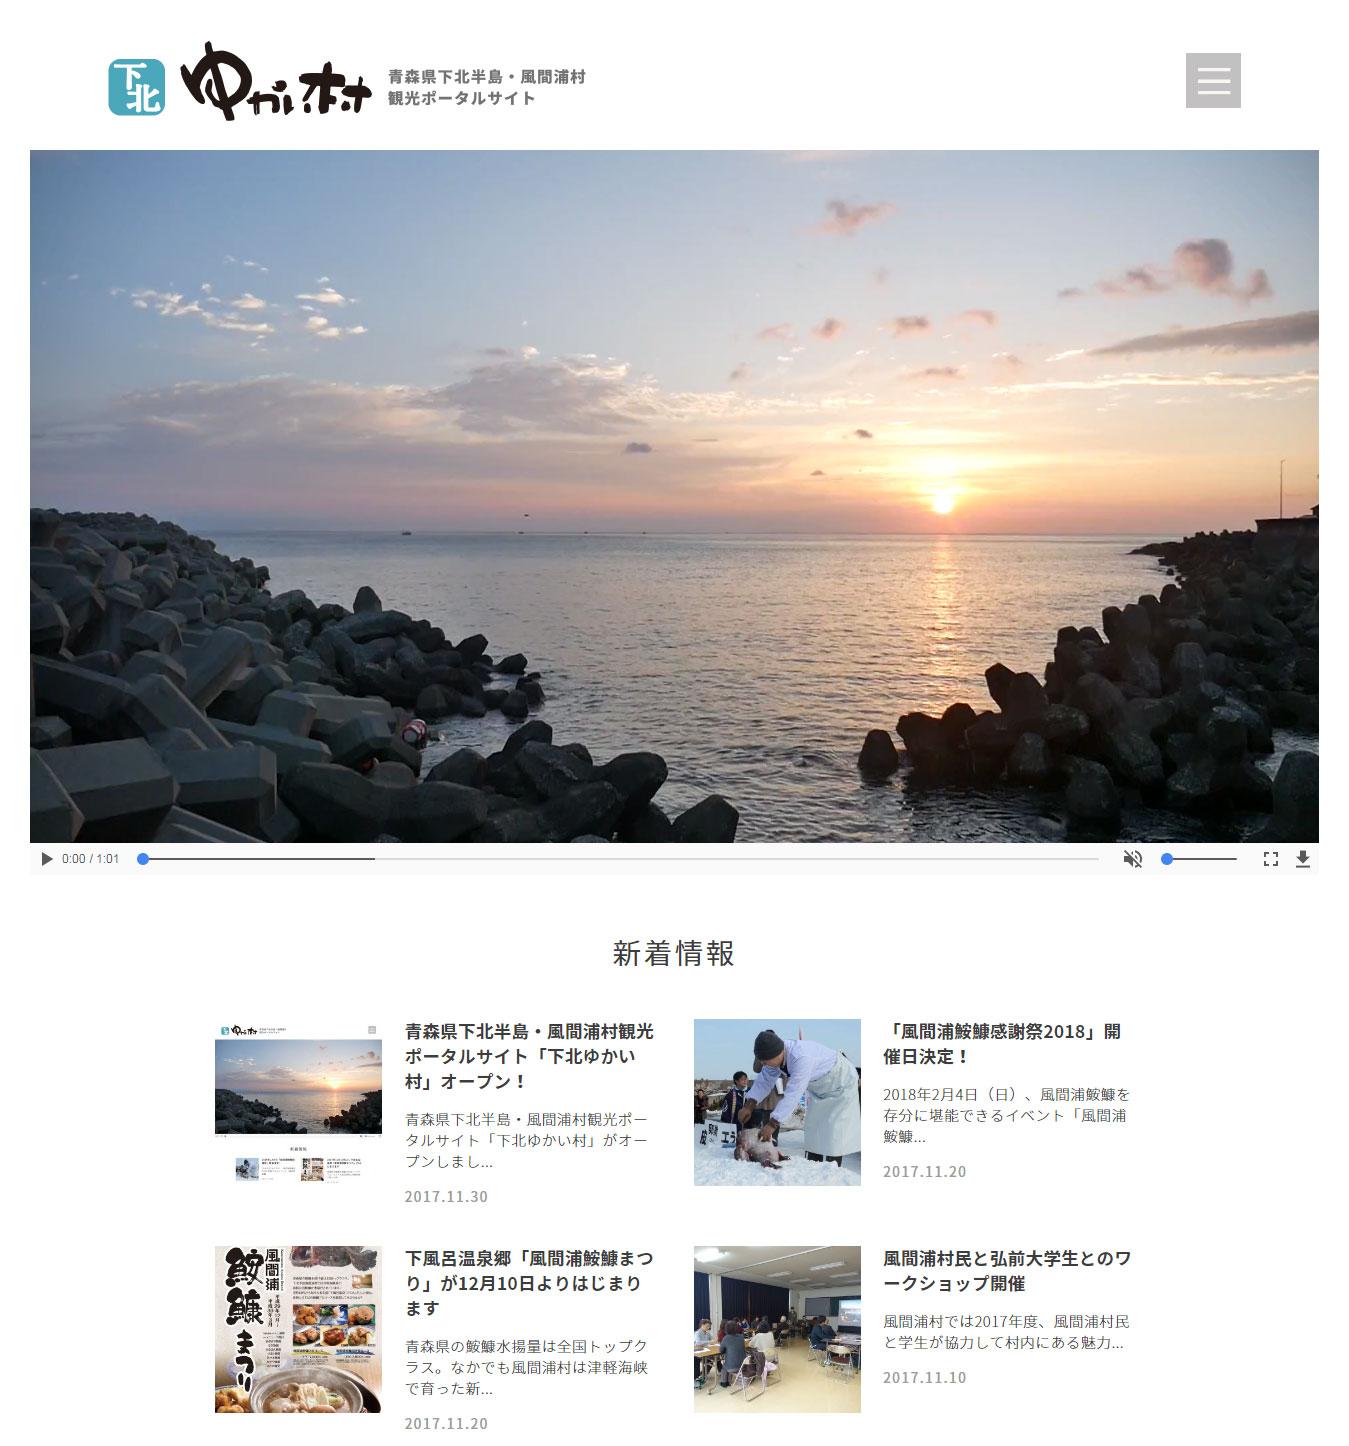 青森県下北半島・風間浦村観光ポータルサイト「下北ゆかい村」オープン!